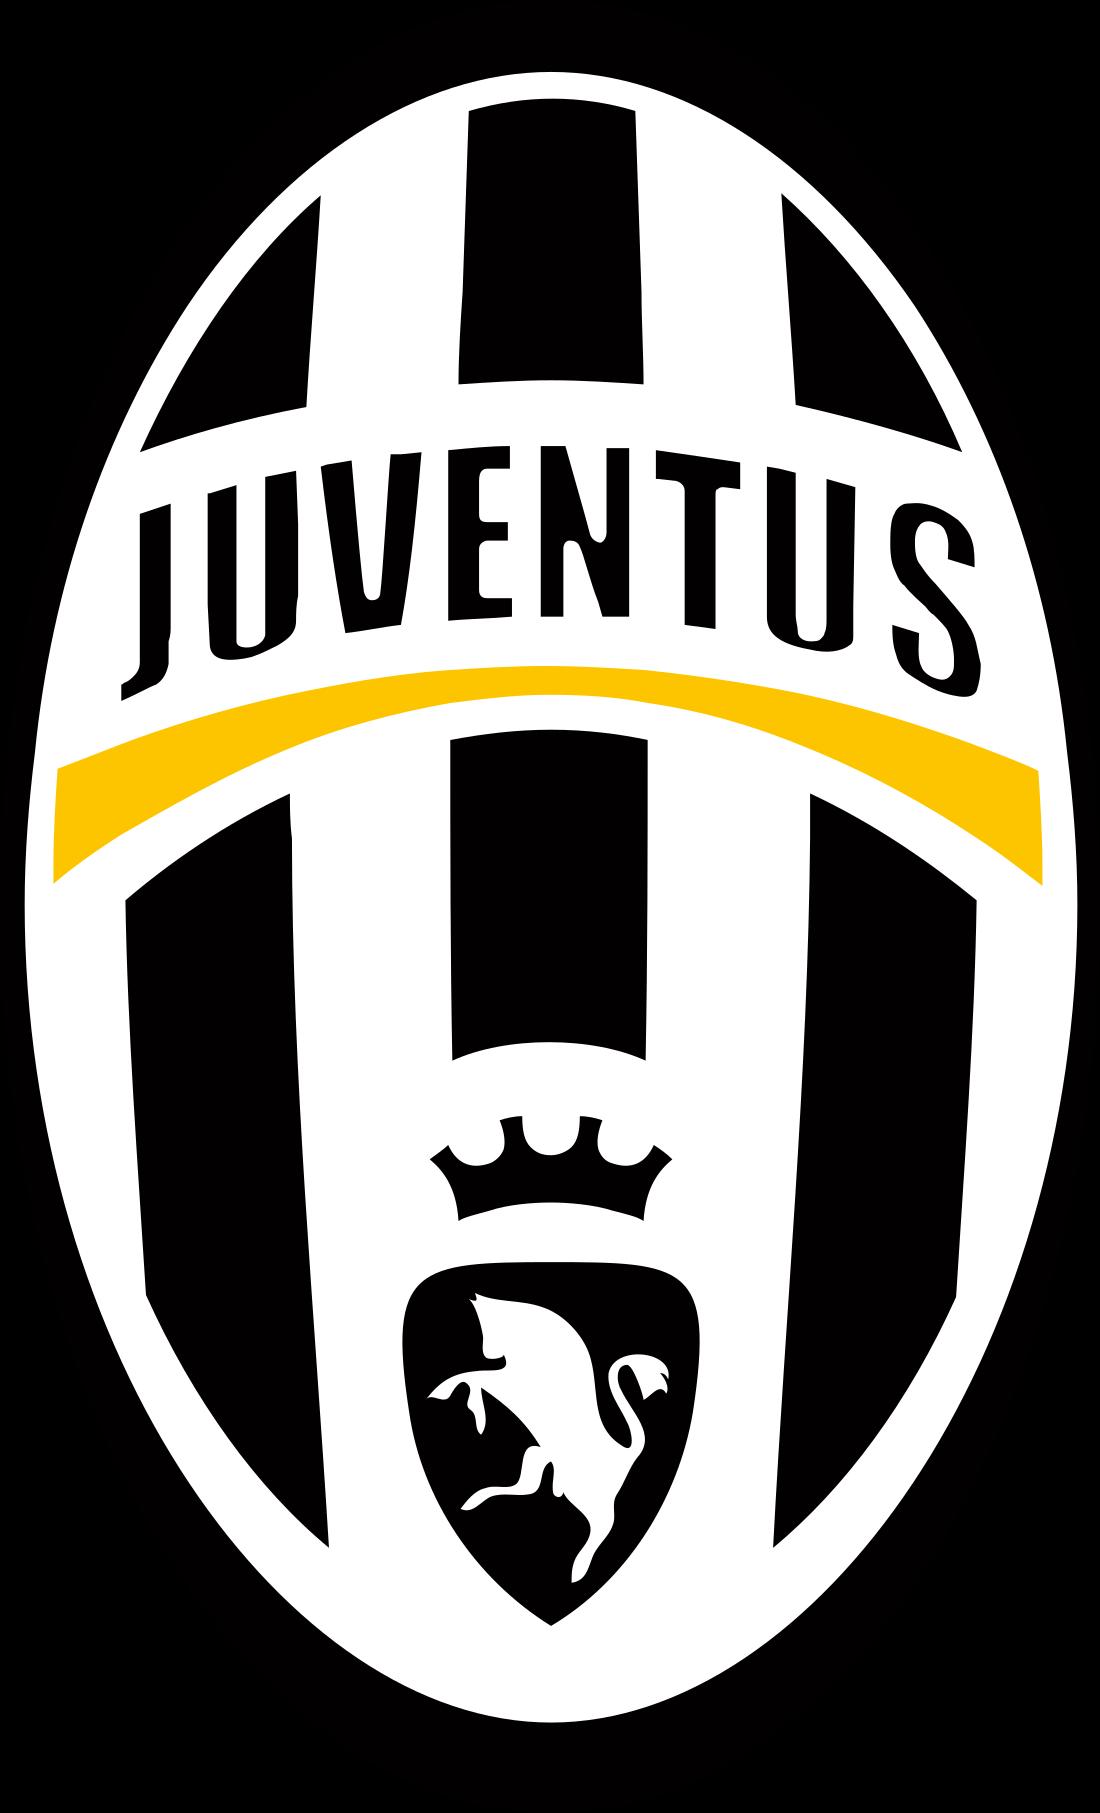 juventus-turim-logo-escudo-3